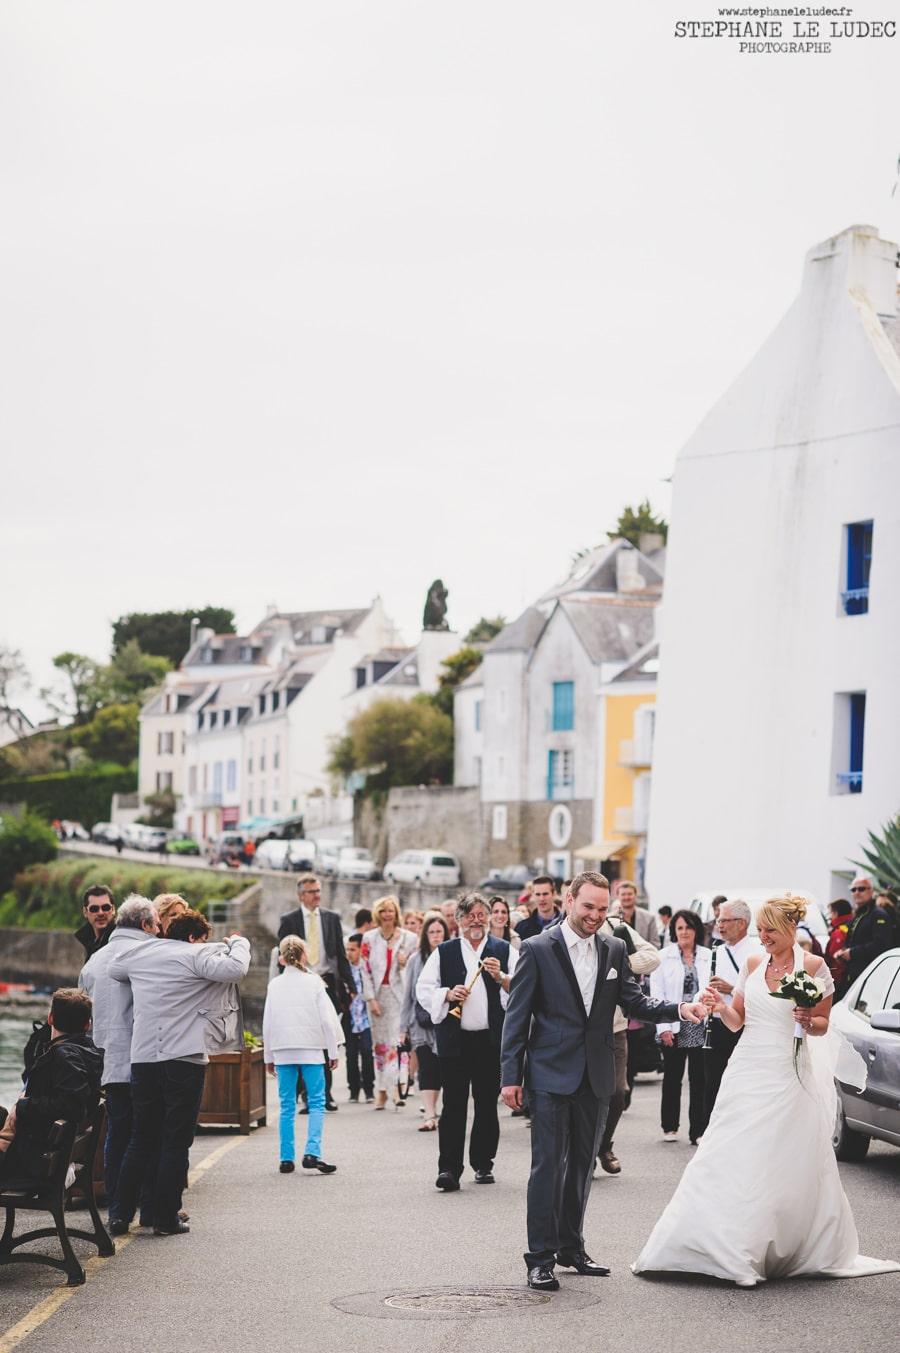 Mariage à Belle-île en mer eglise-449-2